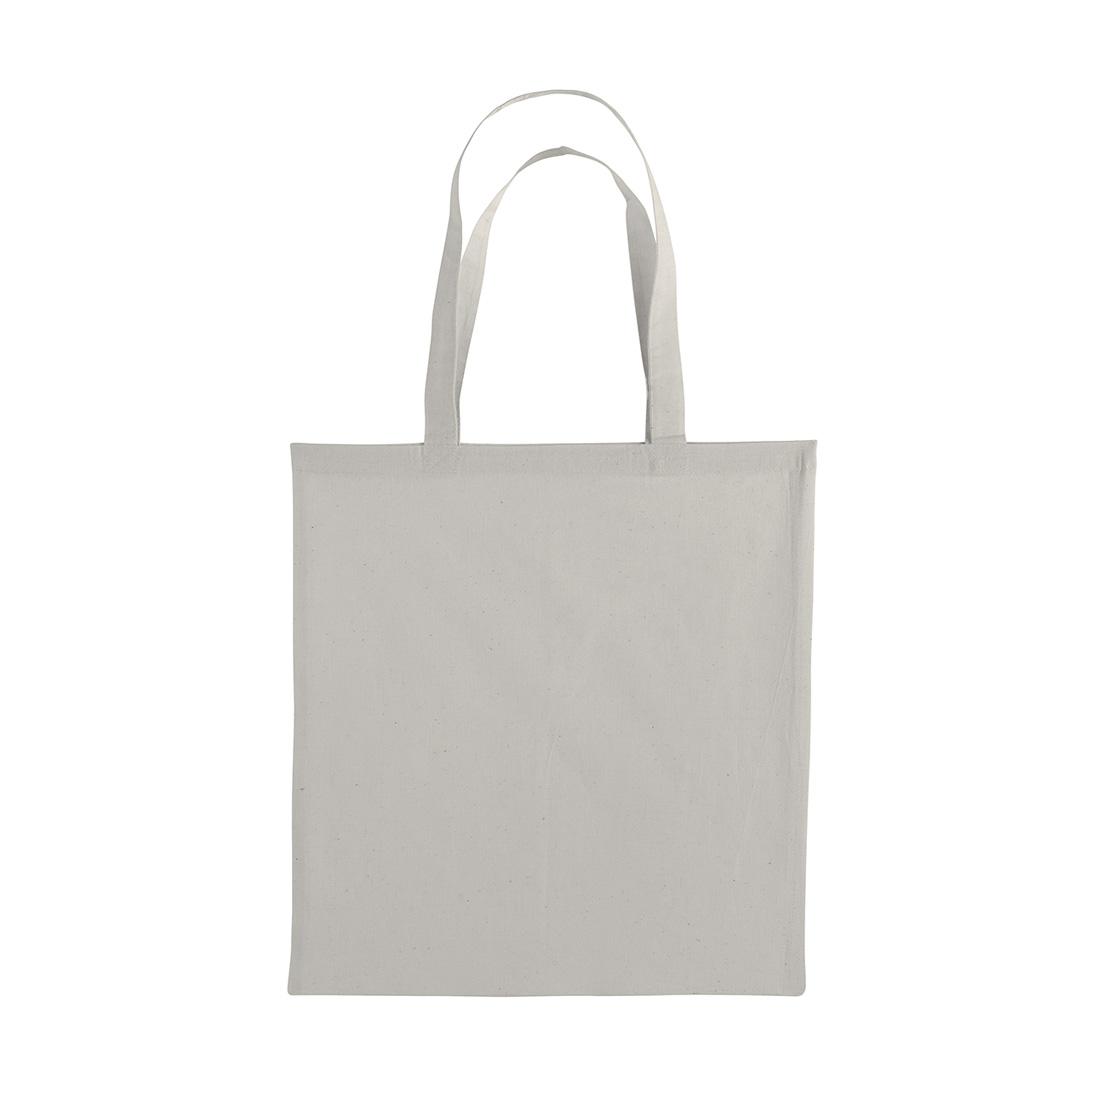 ca1ff6dc5b Tote Bag Personnalisé Guyane 110 gr/m² en Coton à personnaliser